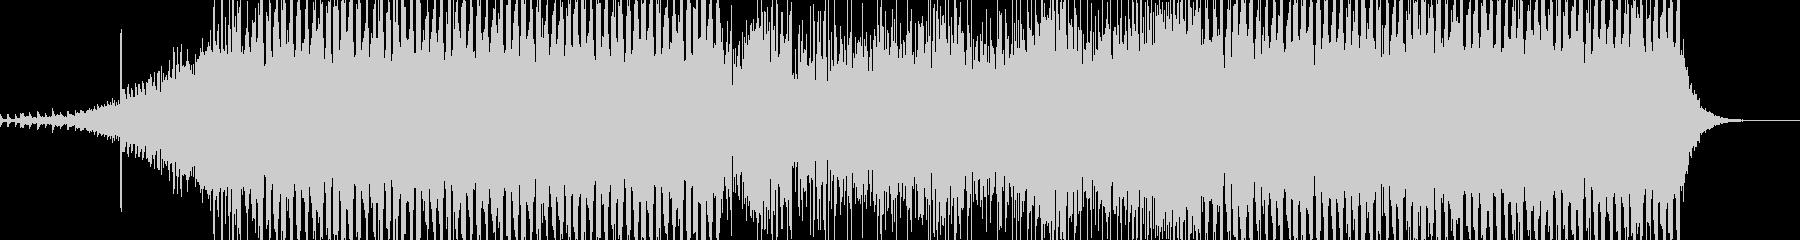 ミディアムで明るいEDM風ポップス曲の未再生の波形